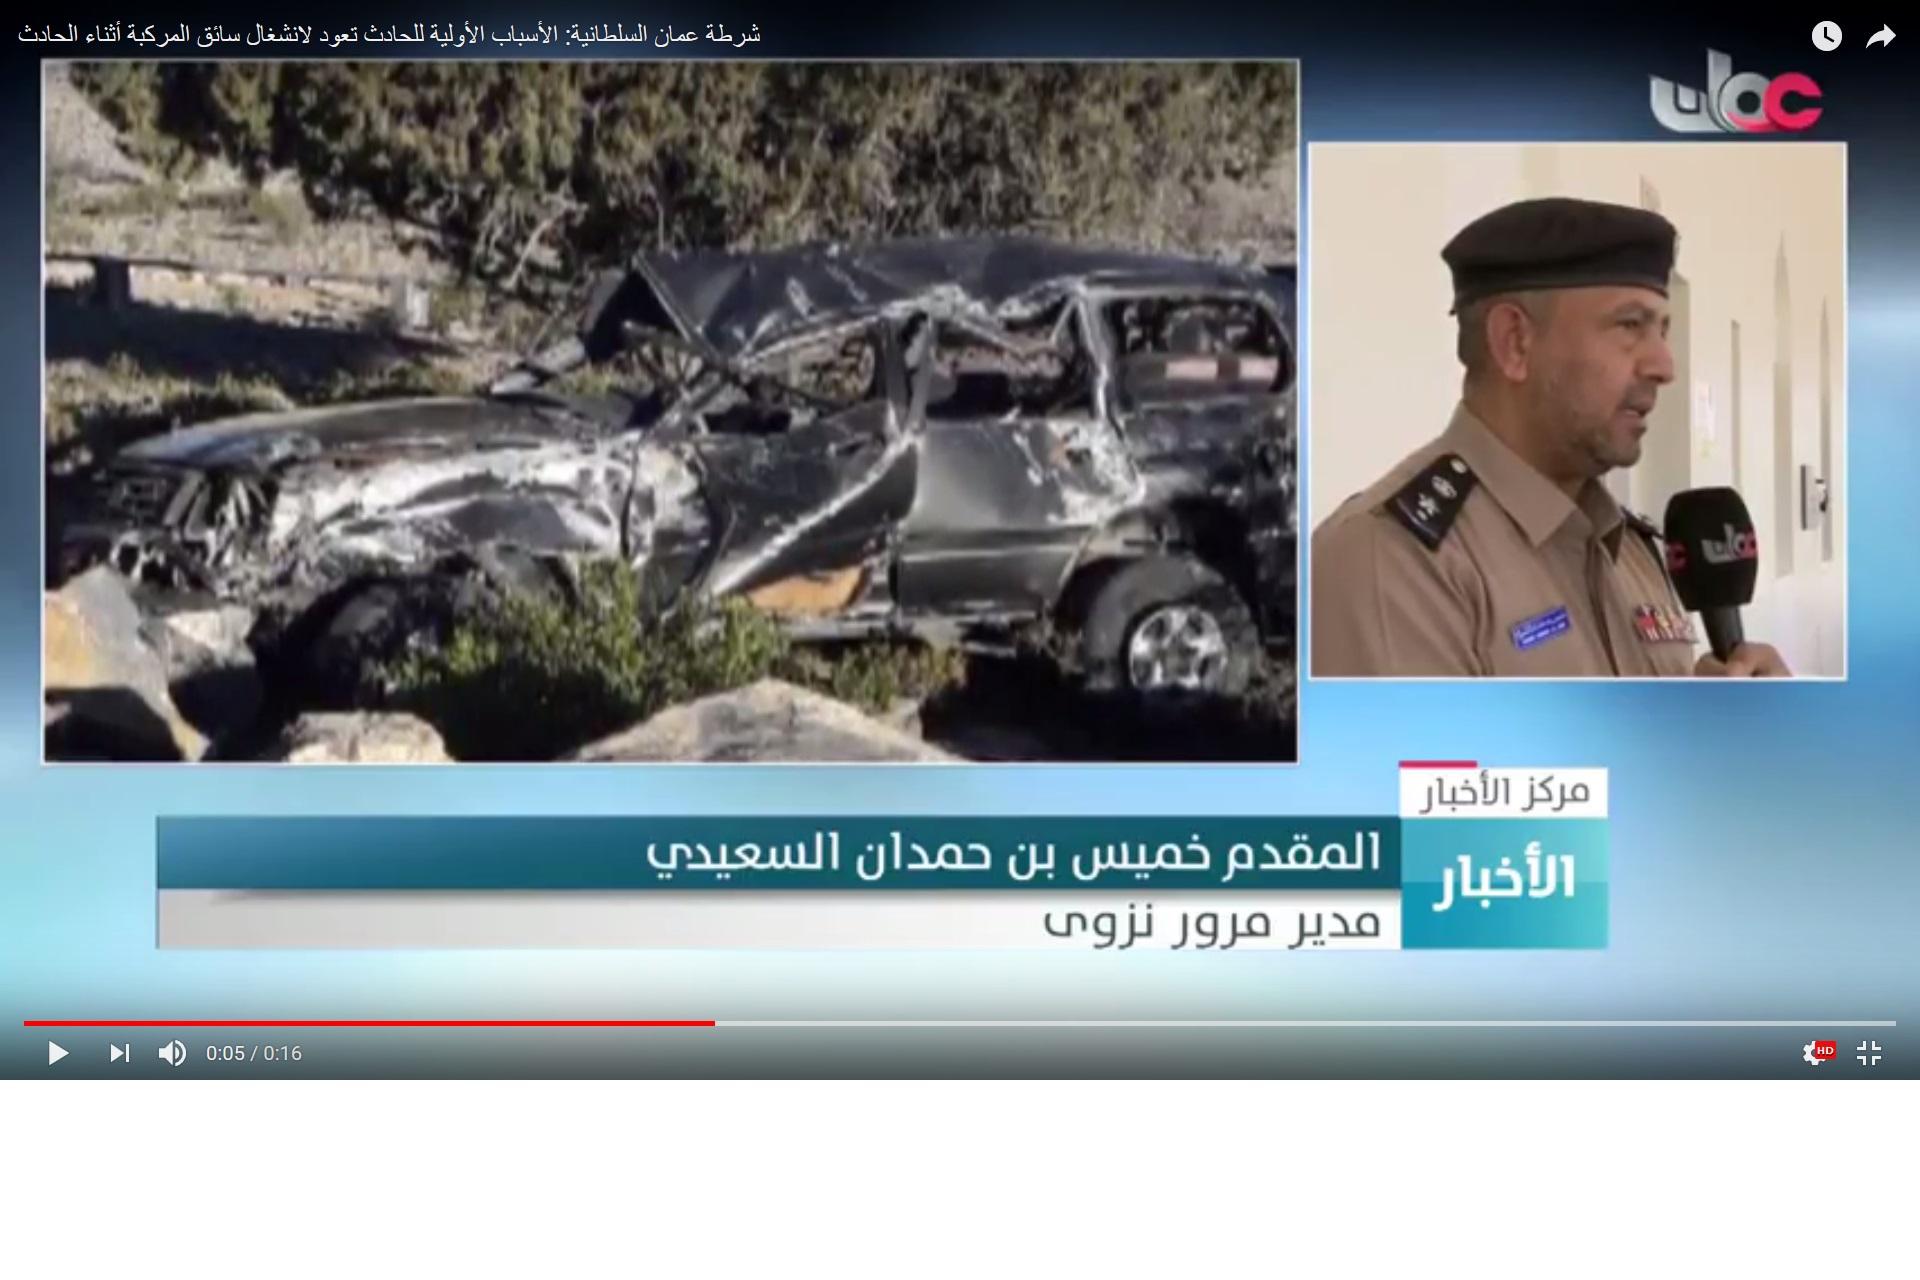 بالفيديو.. الشرطة: انشغال سائق المركبة تسبب بحادث الجبل الأخضر